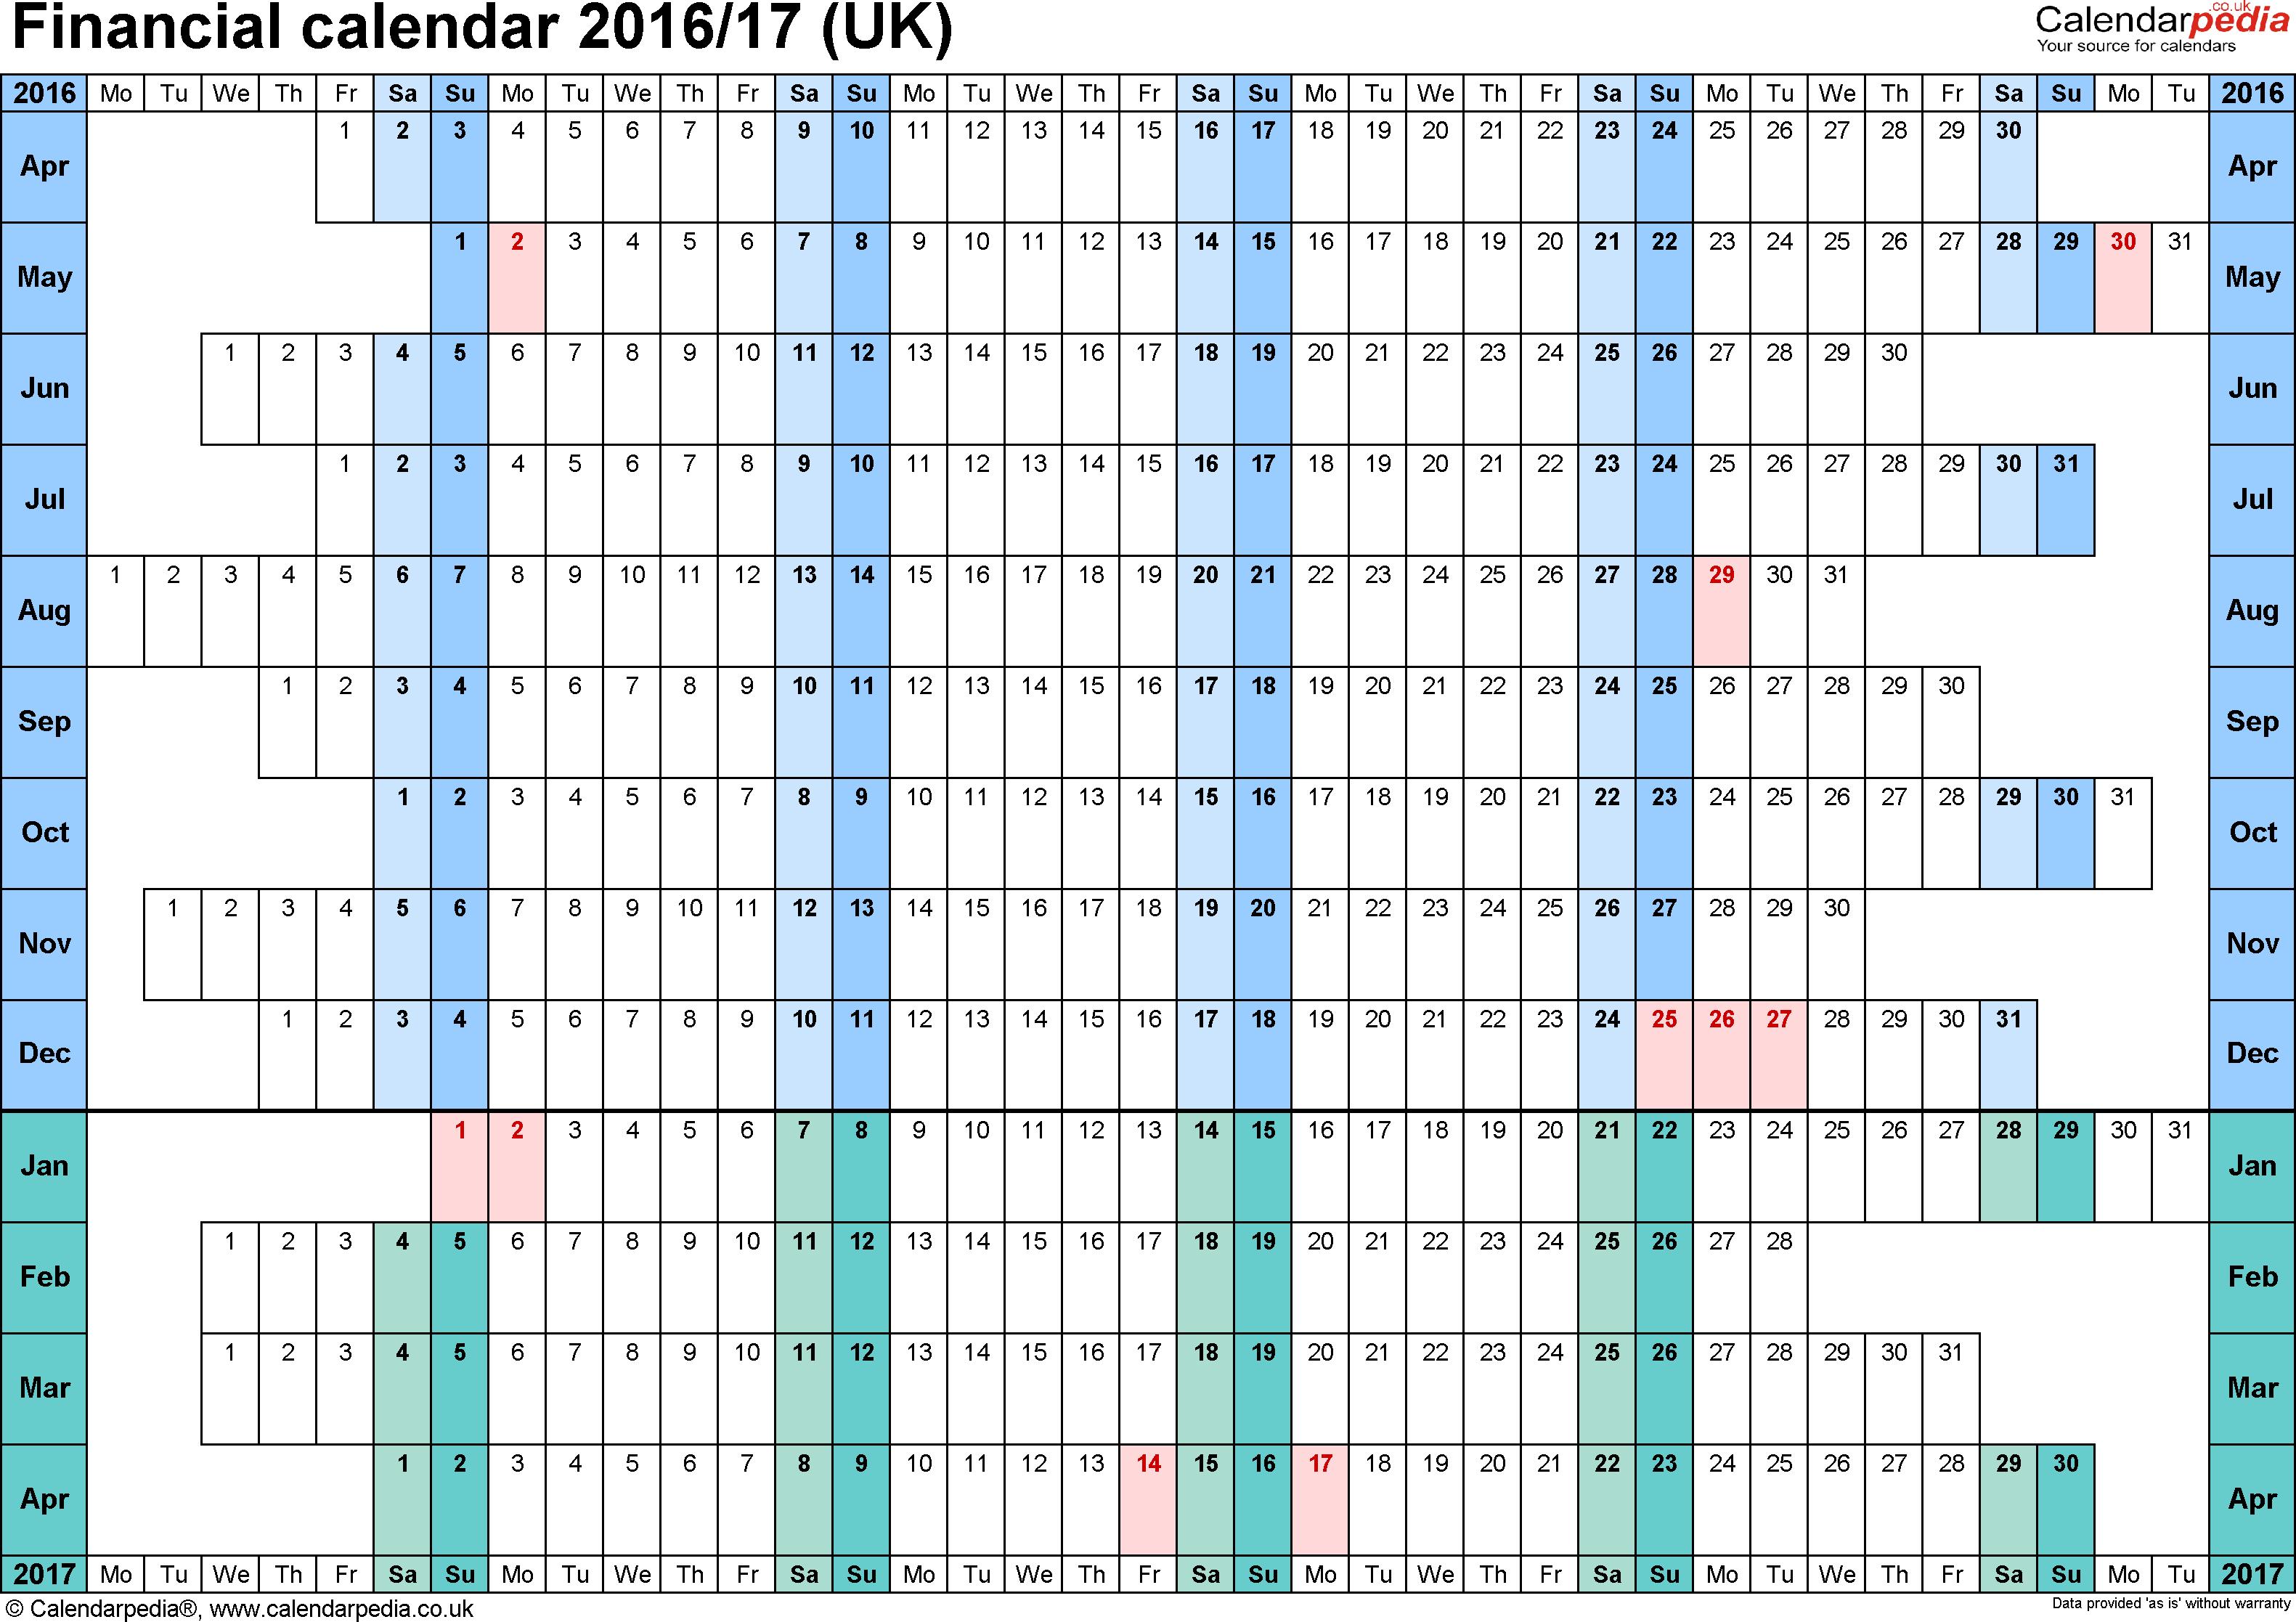 Financial Calendars 2016/17 (Uk) In Microsoft Word Format in Hmrc Tax 2019 - 2020 Calendars